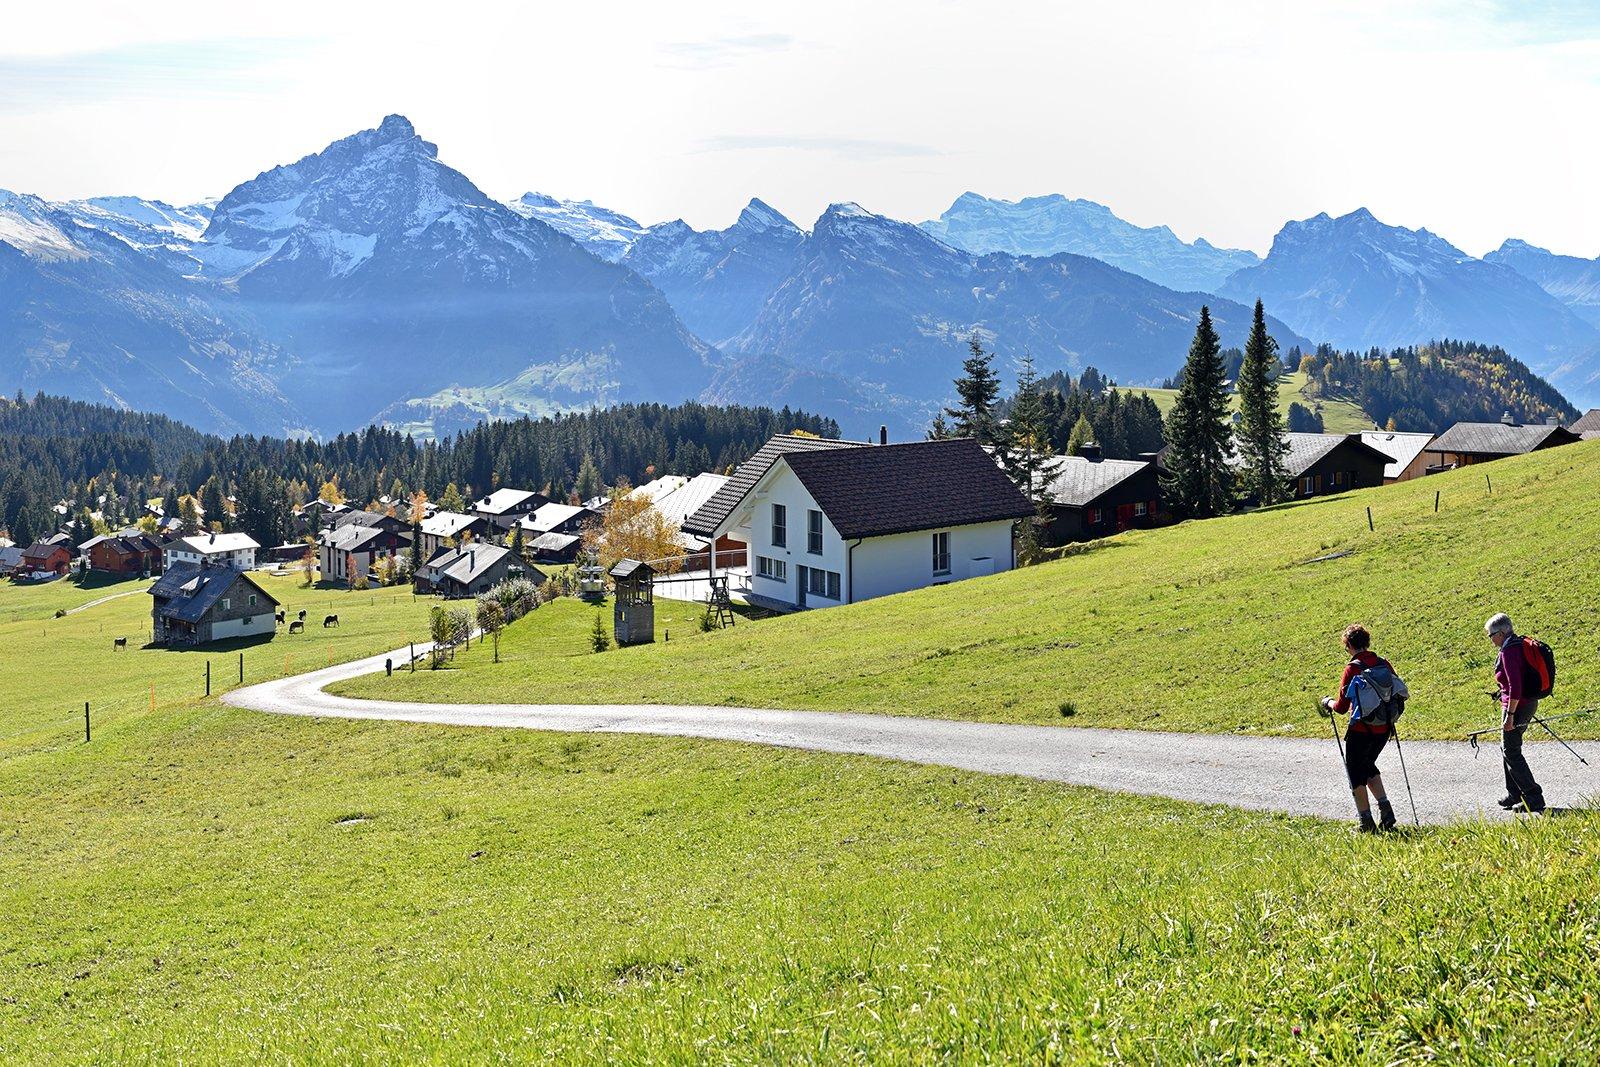 Über dem Arvenbüel bietet sich ein herrlicher Ausblick über den Ort und die Berge